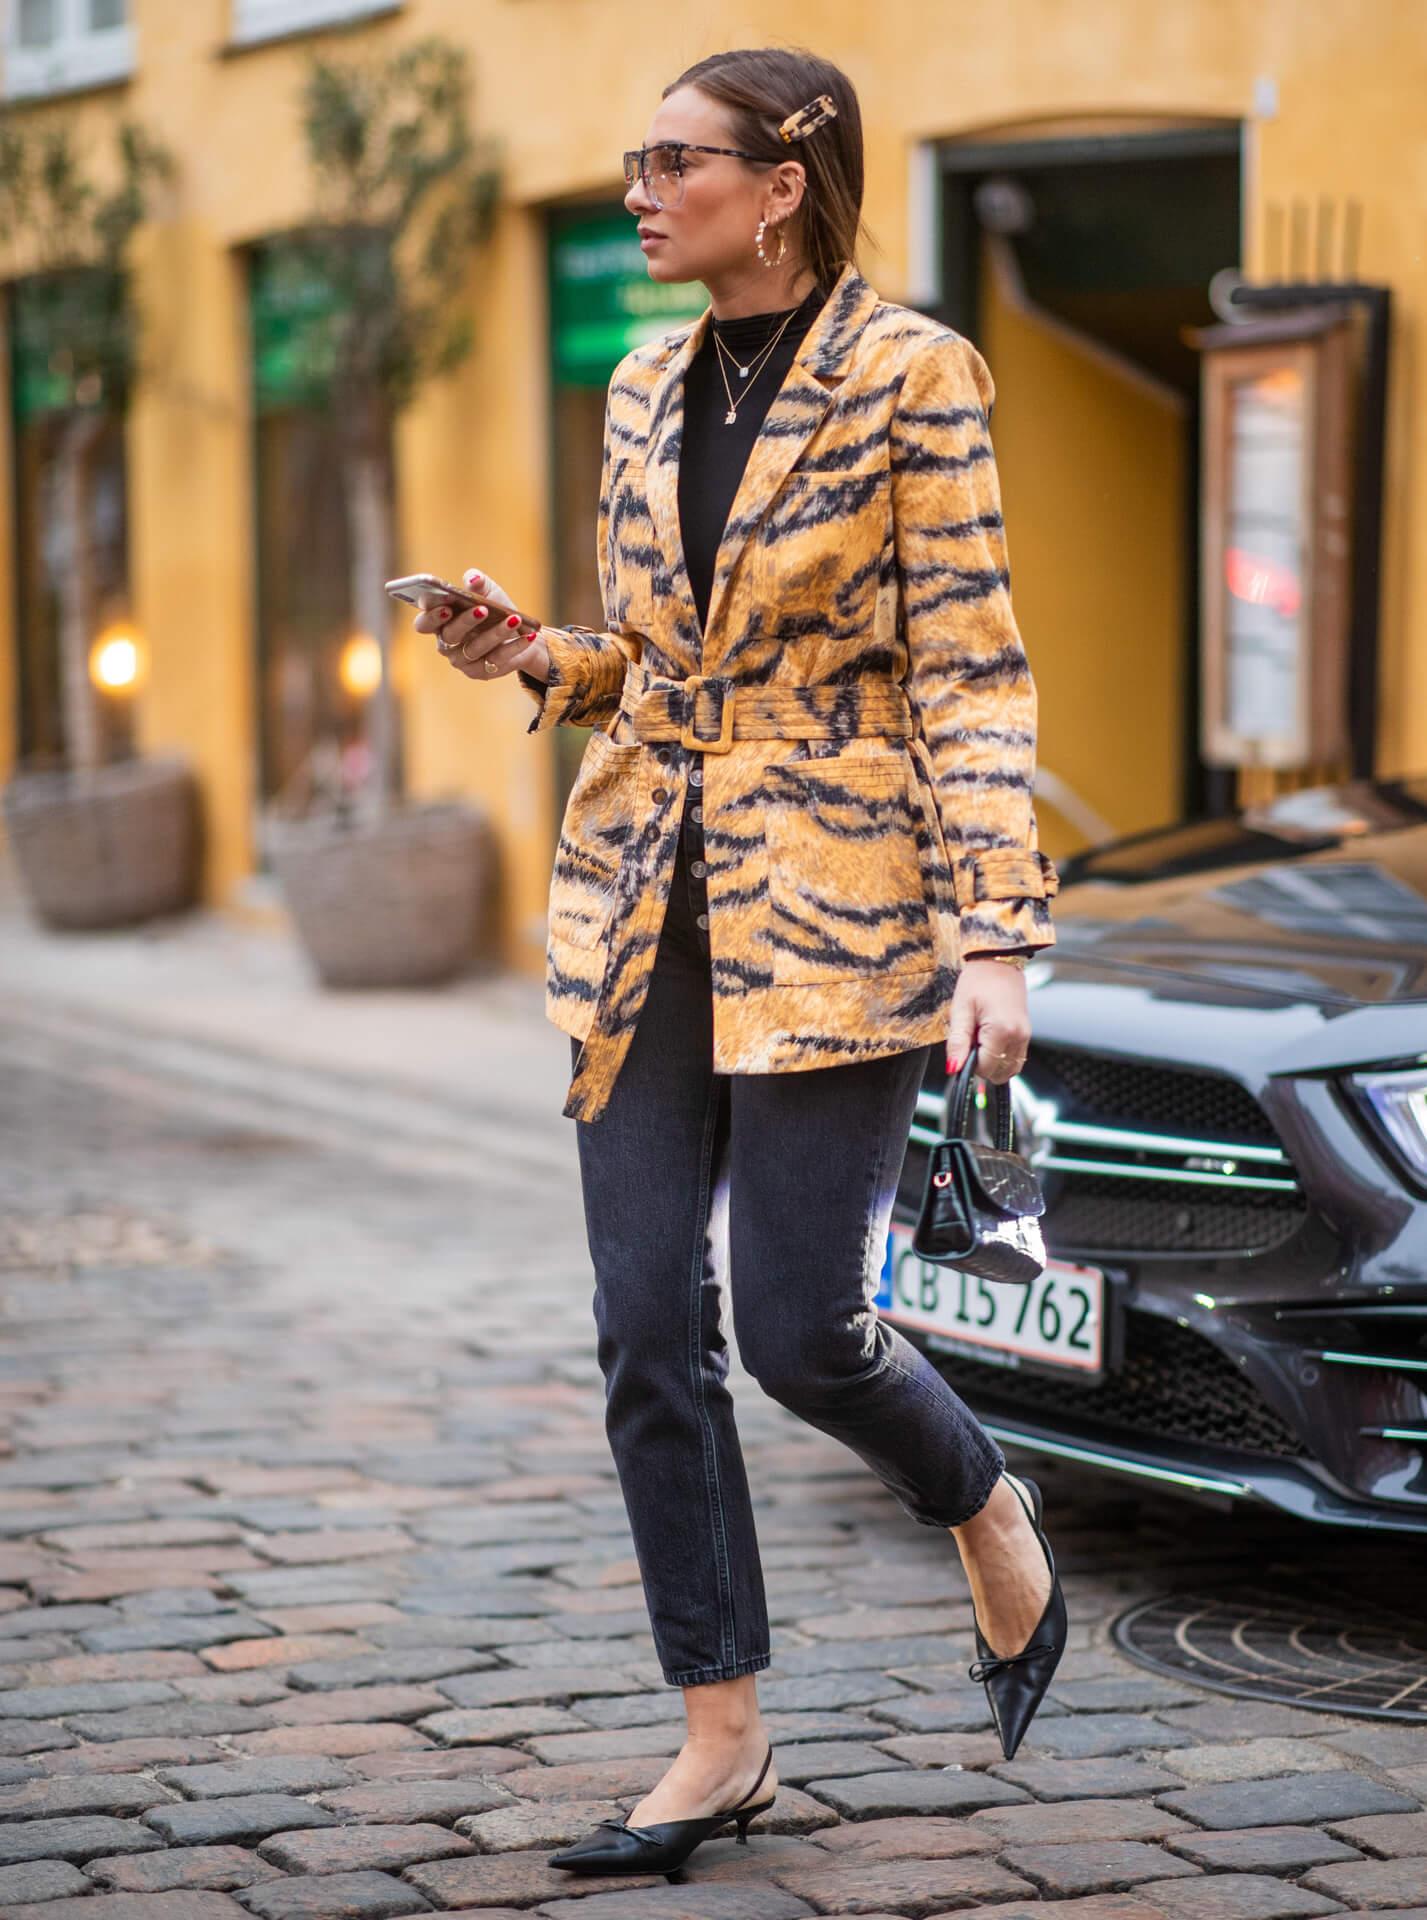 Mini Taschen Danille Bernstein Shoe Fashion